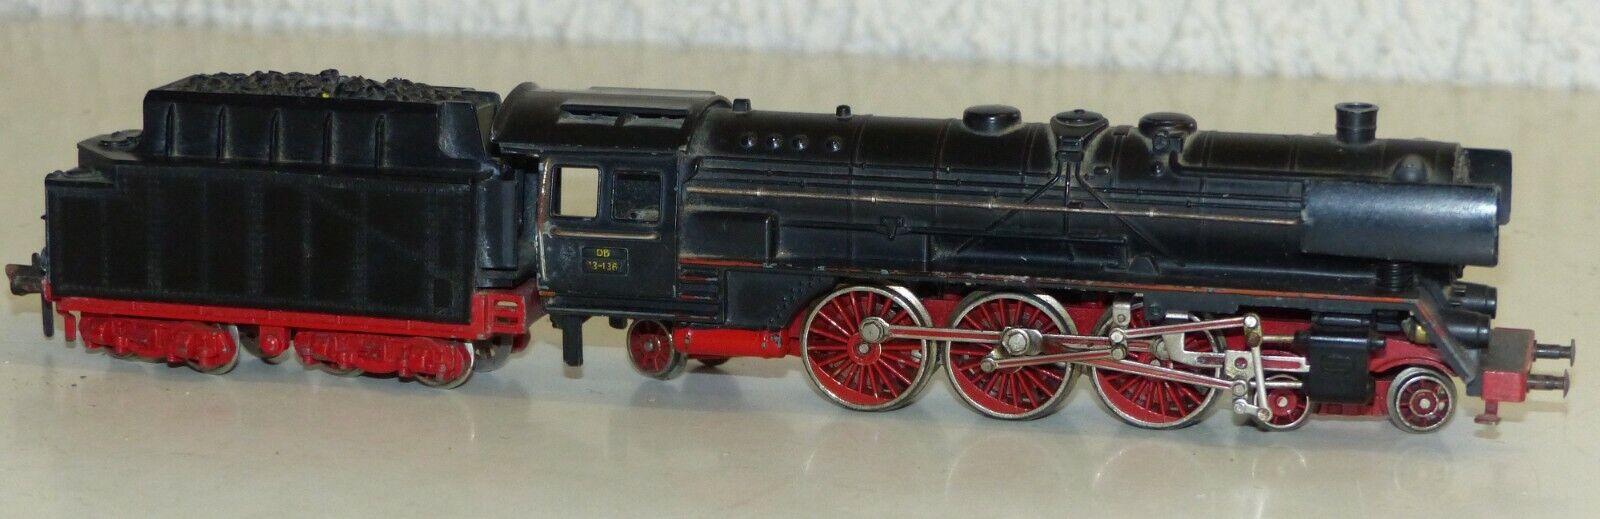 Fleischmann 1361-64 máquina de vapor schlepptenderlok Spur h0 1 87 rar